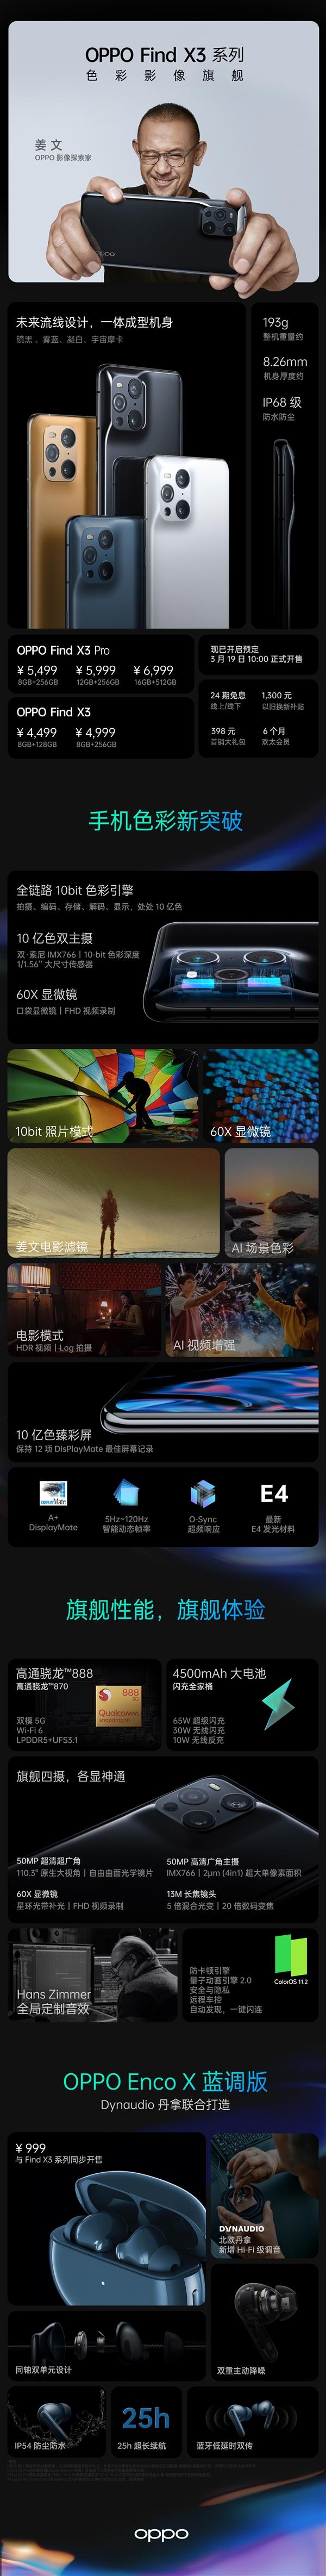 一图看懂Find X3/X3 Pro手机:降价1000元值得买吗?